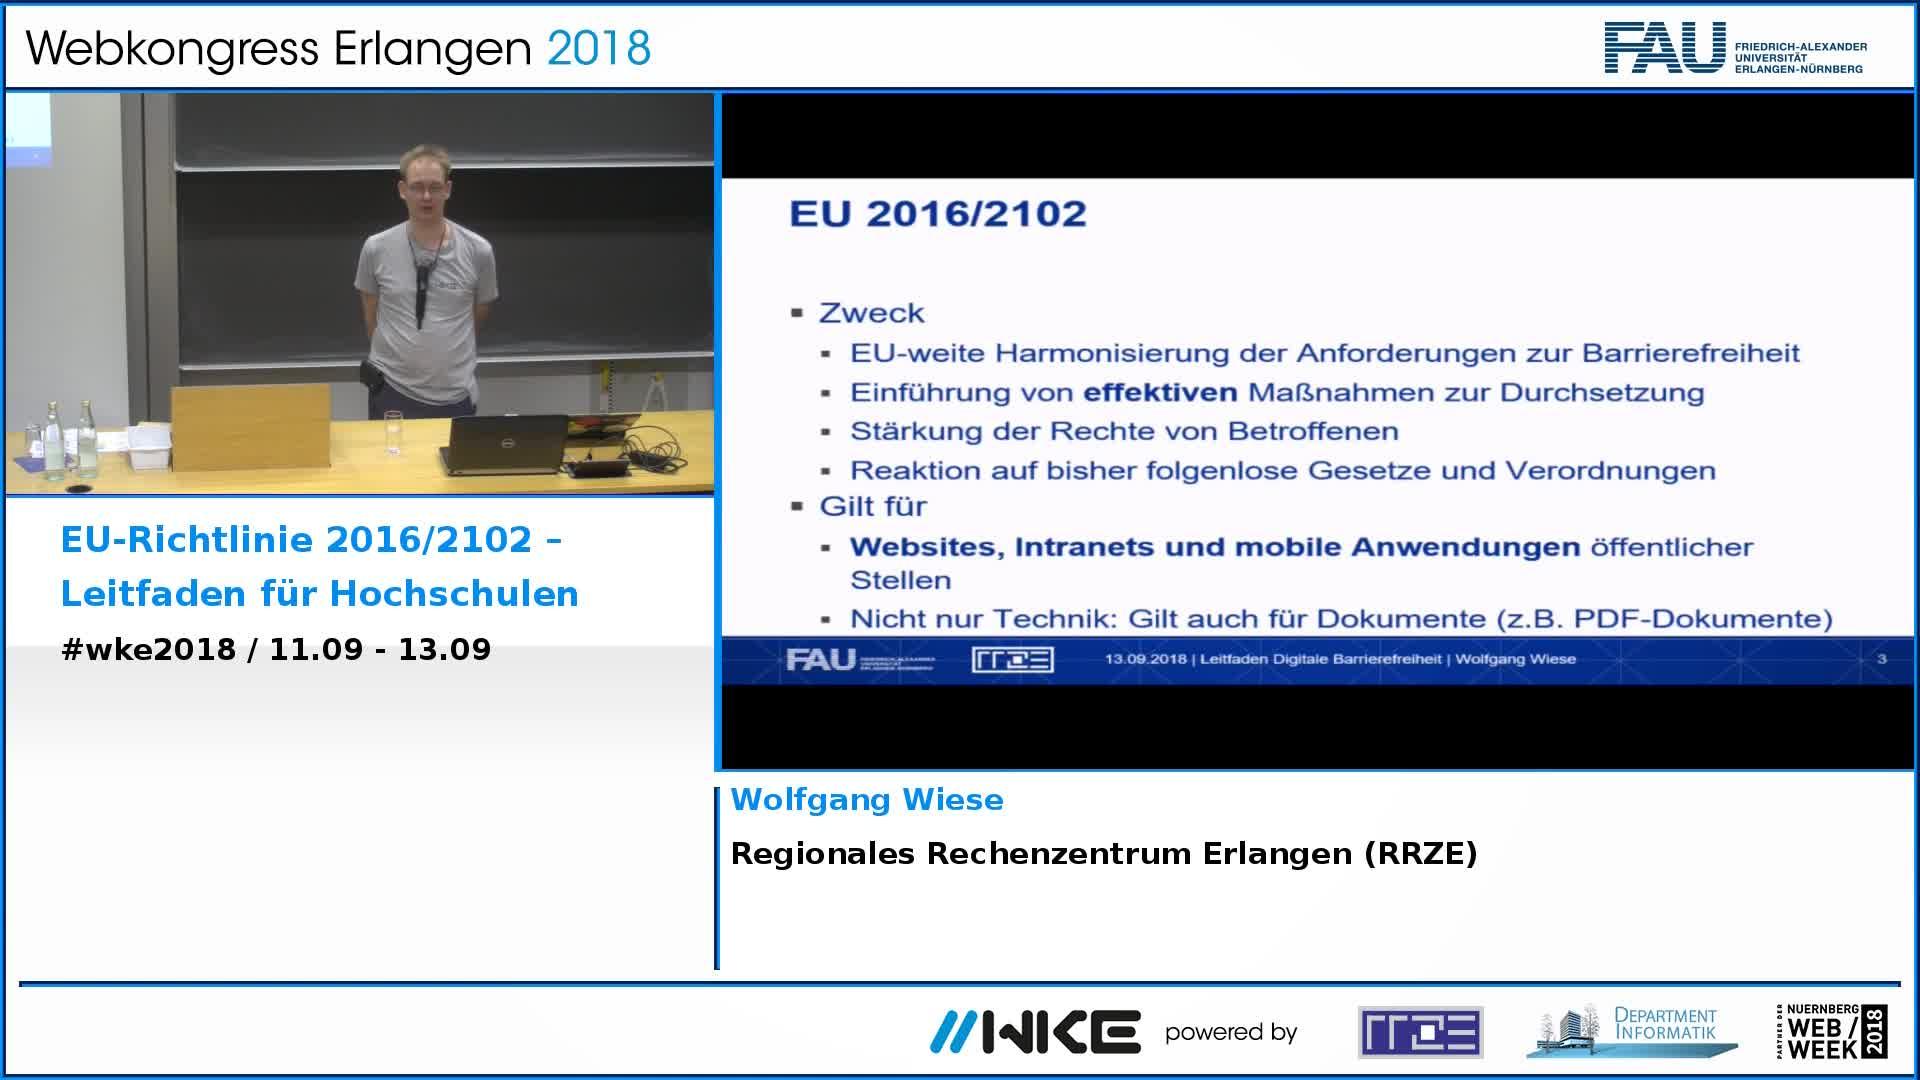 EU-Richtlinie 2016/2102 – Leitfaden für Hochschulen preview image